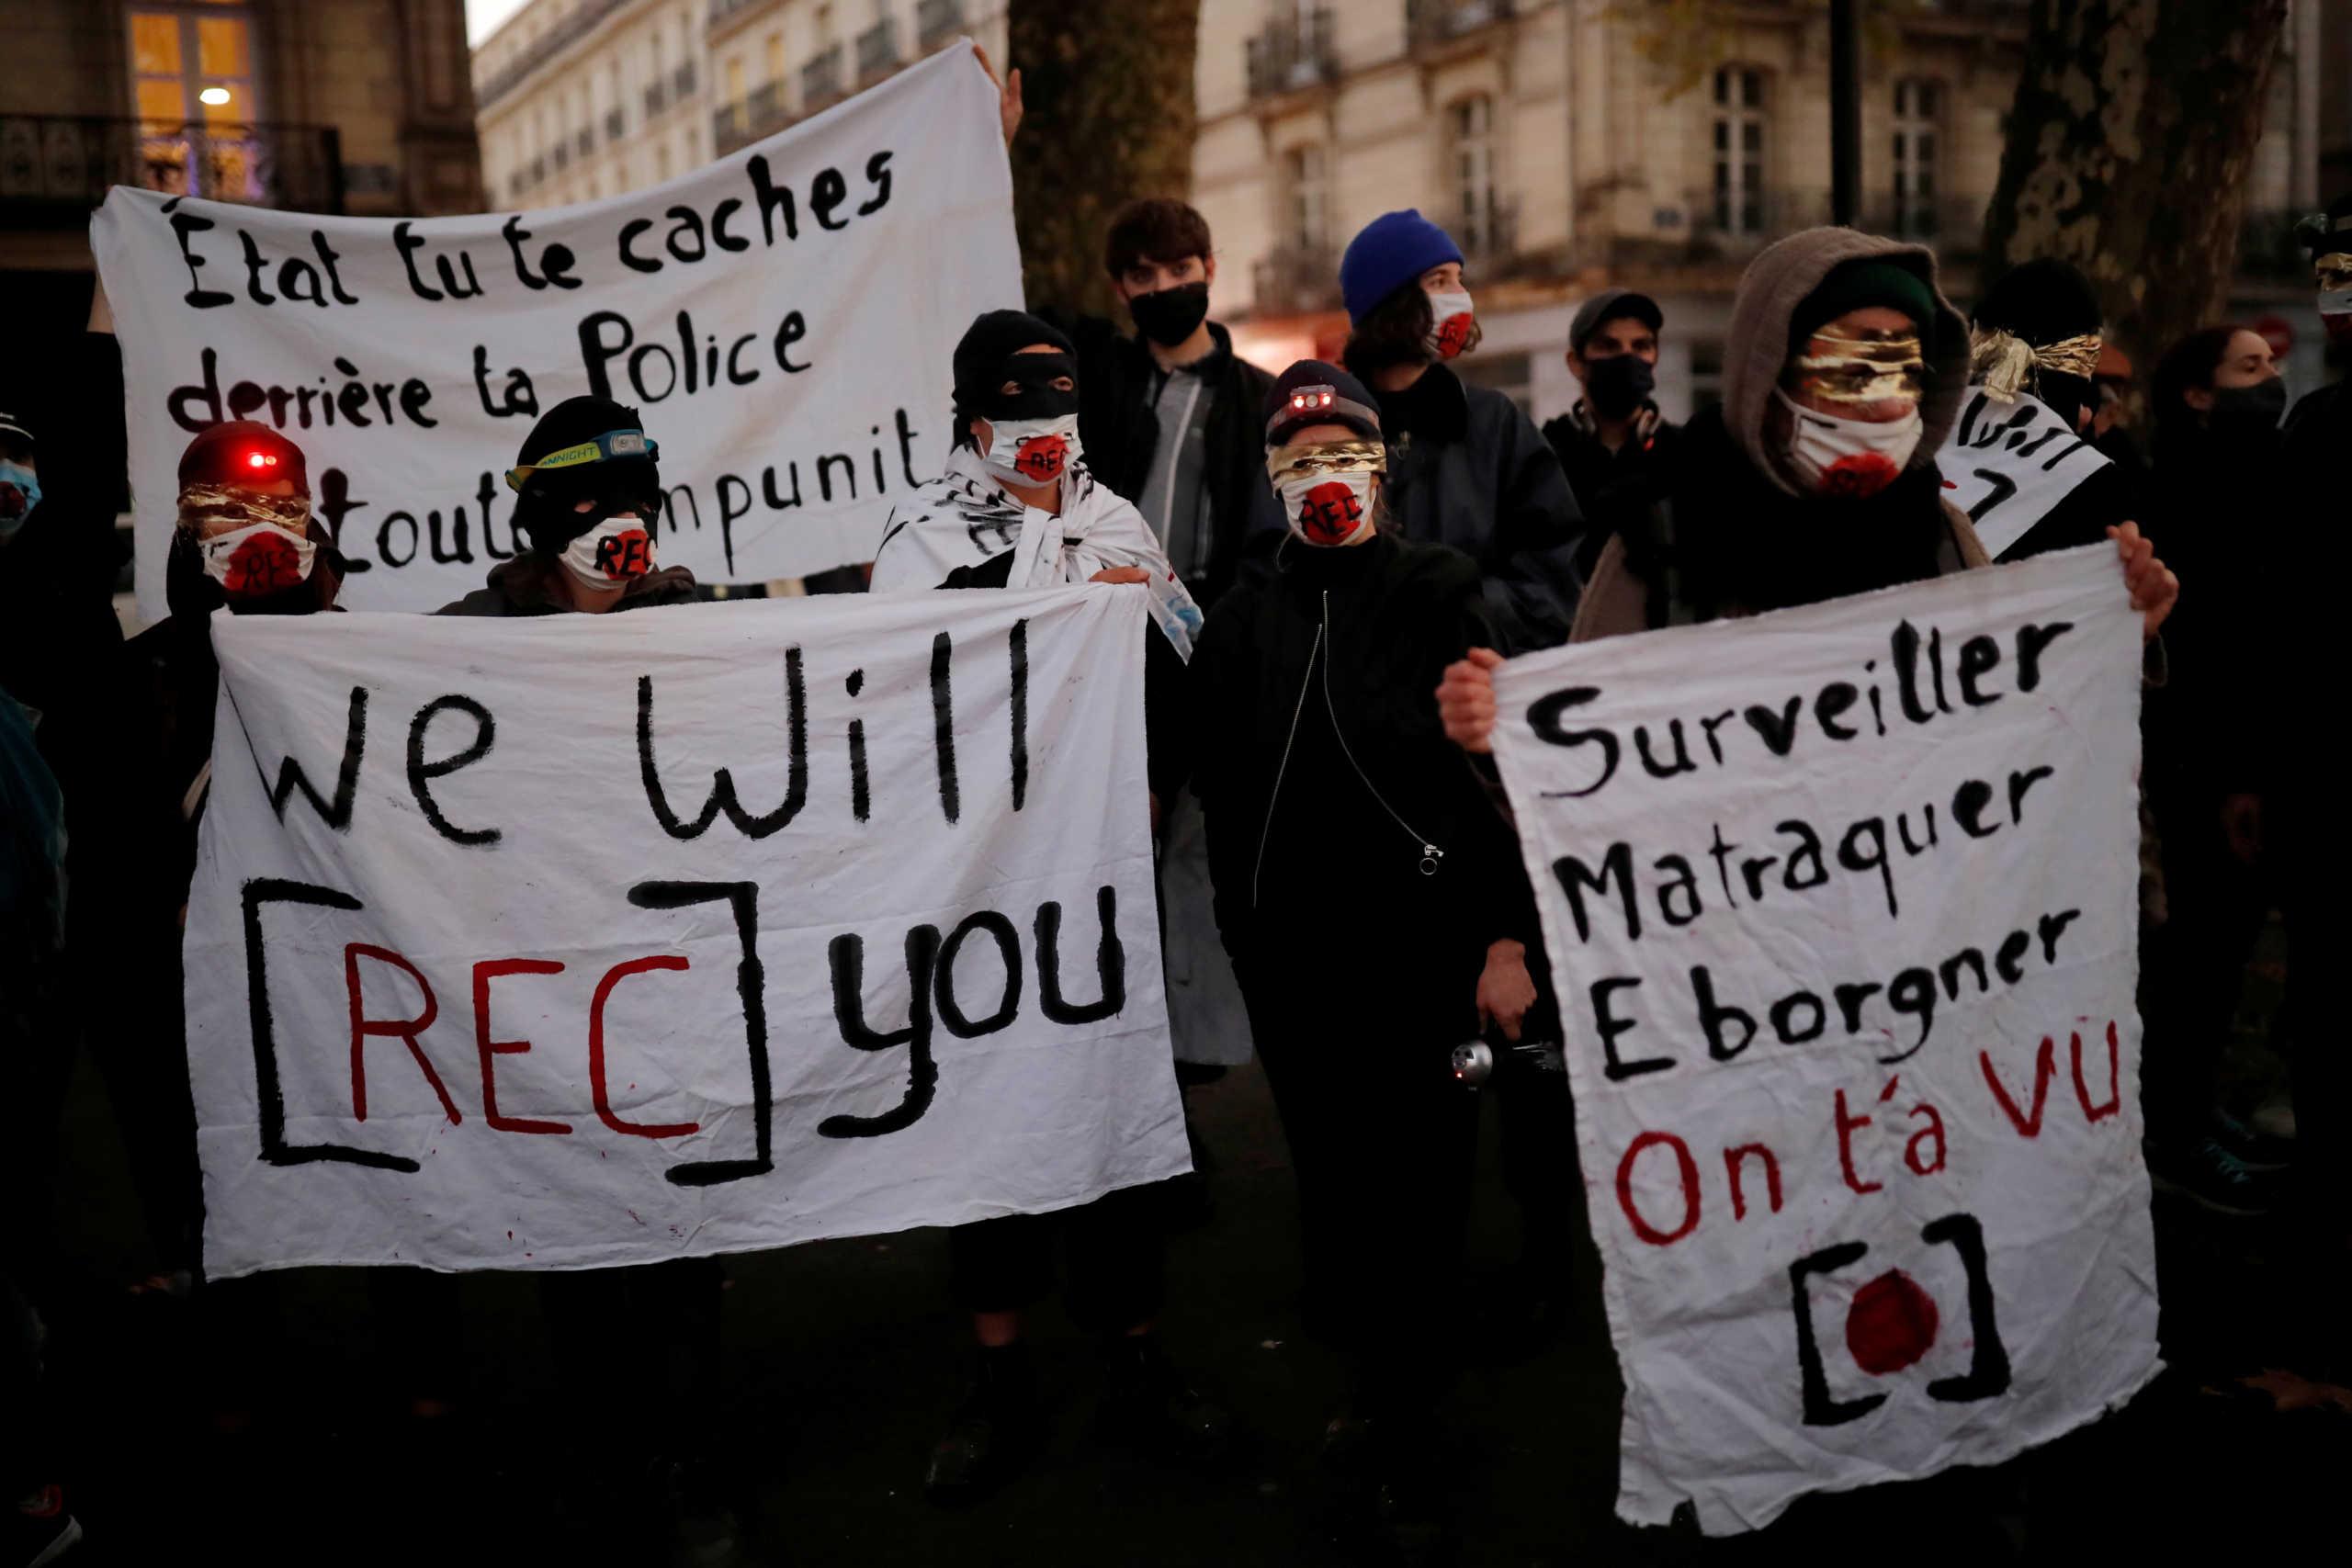 Γαλλία: Πράσινο φως στην τιμωρία για δημοσιοποίηση φωτογραφιών αστυνομικών